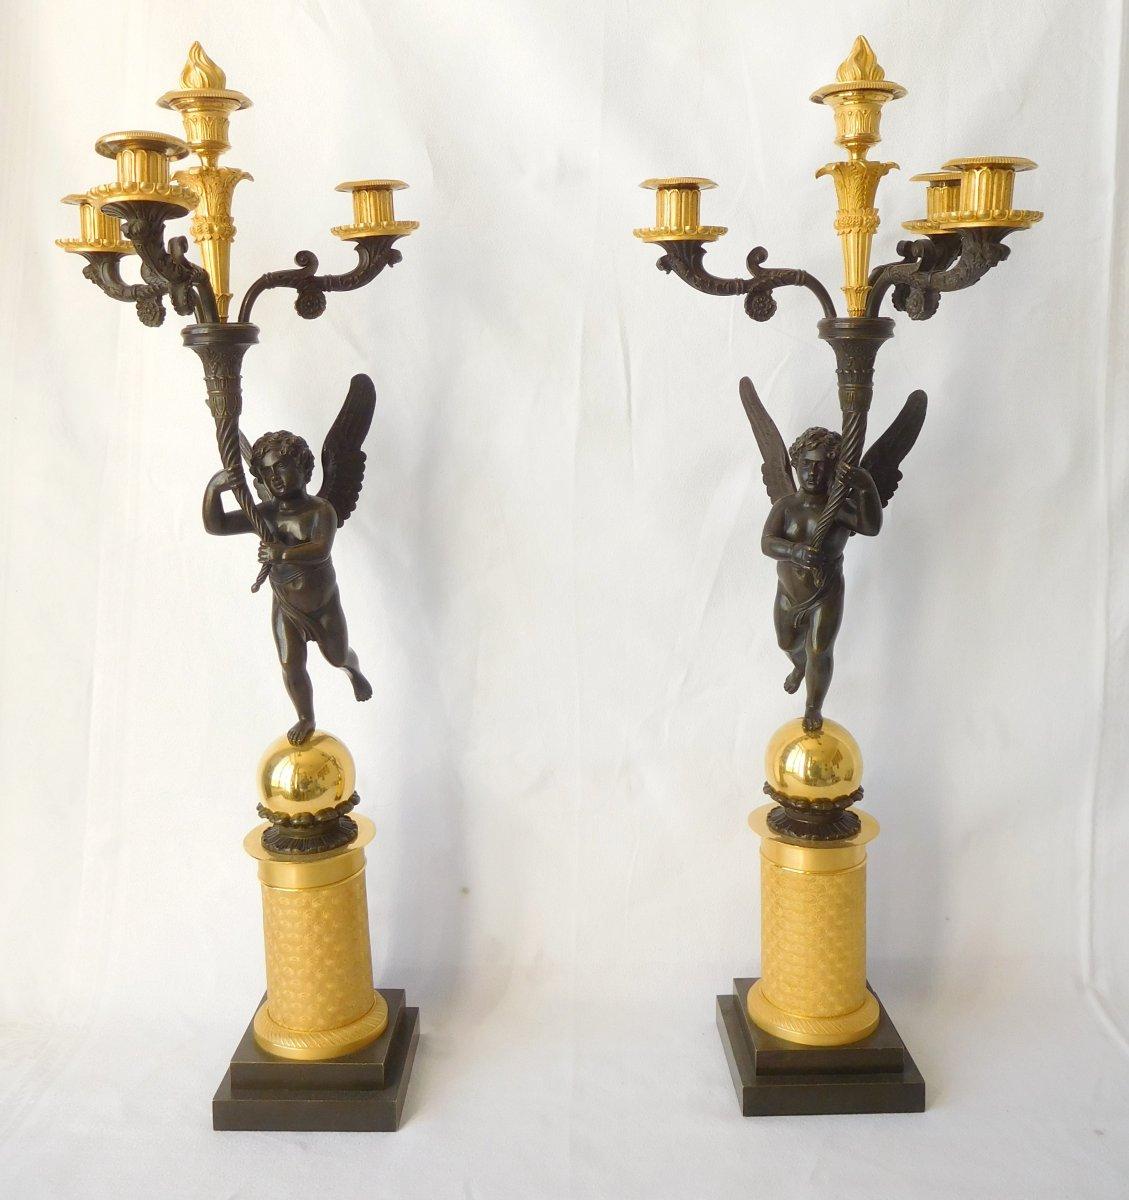 Paire De Grds Candélabres Empire Aux Enfants Ailés Attribués à Gérard Jean Galle - Bronze Doré